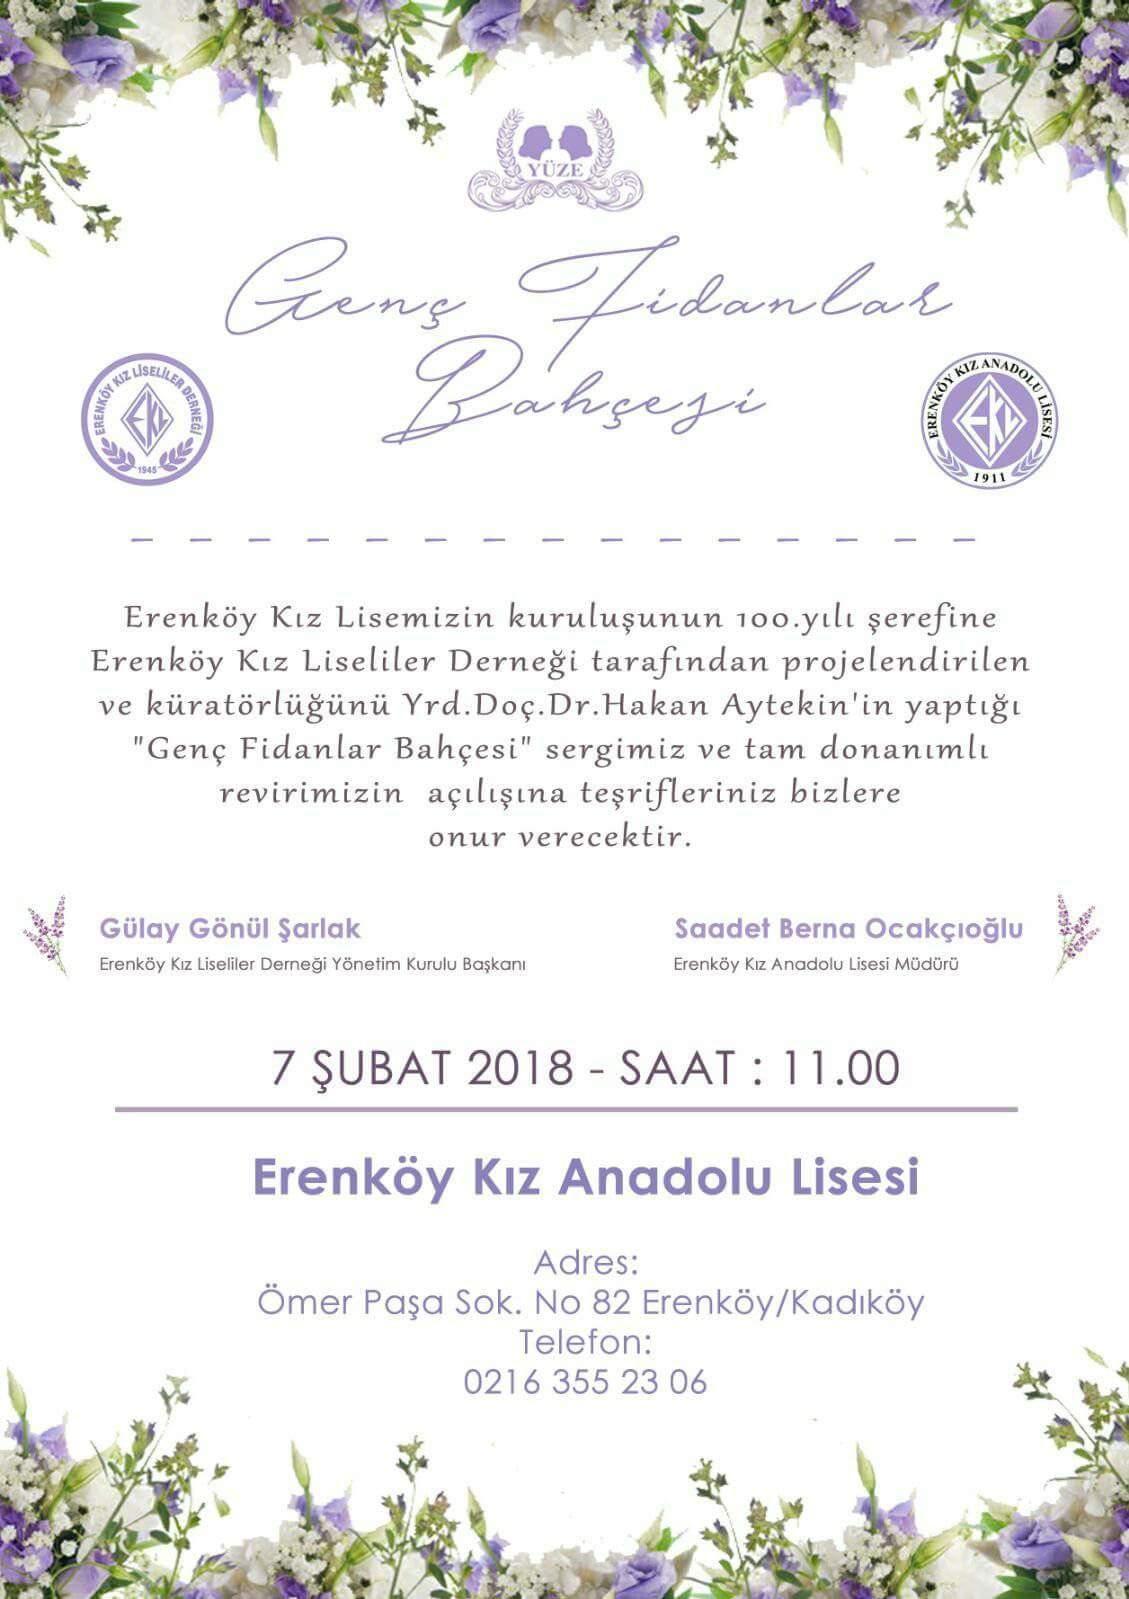 Erenköy Kız Liseliler Derneği'nden Açılışa Davet!